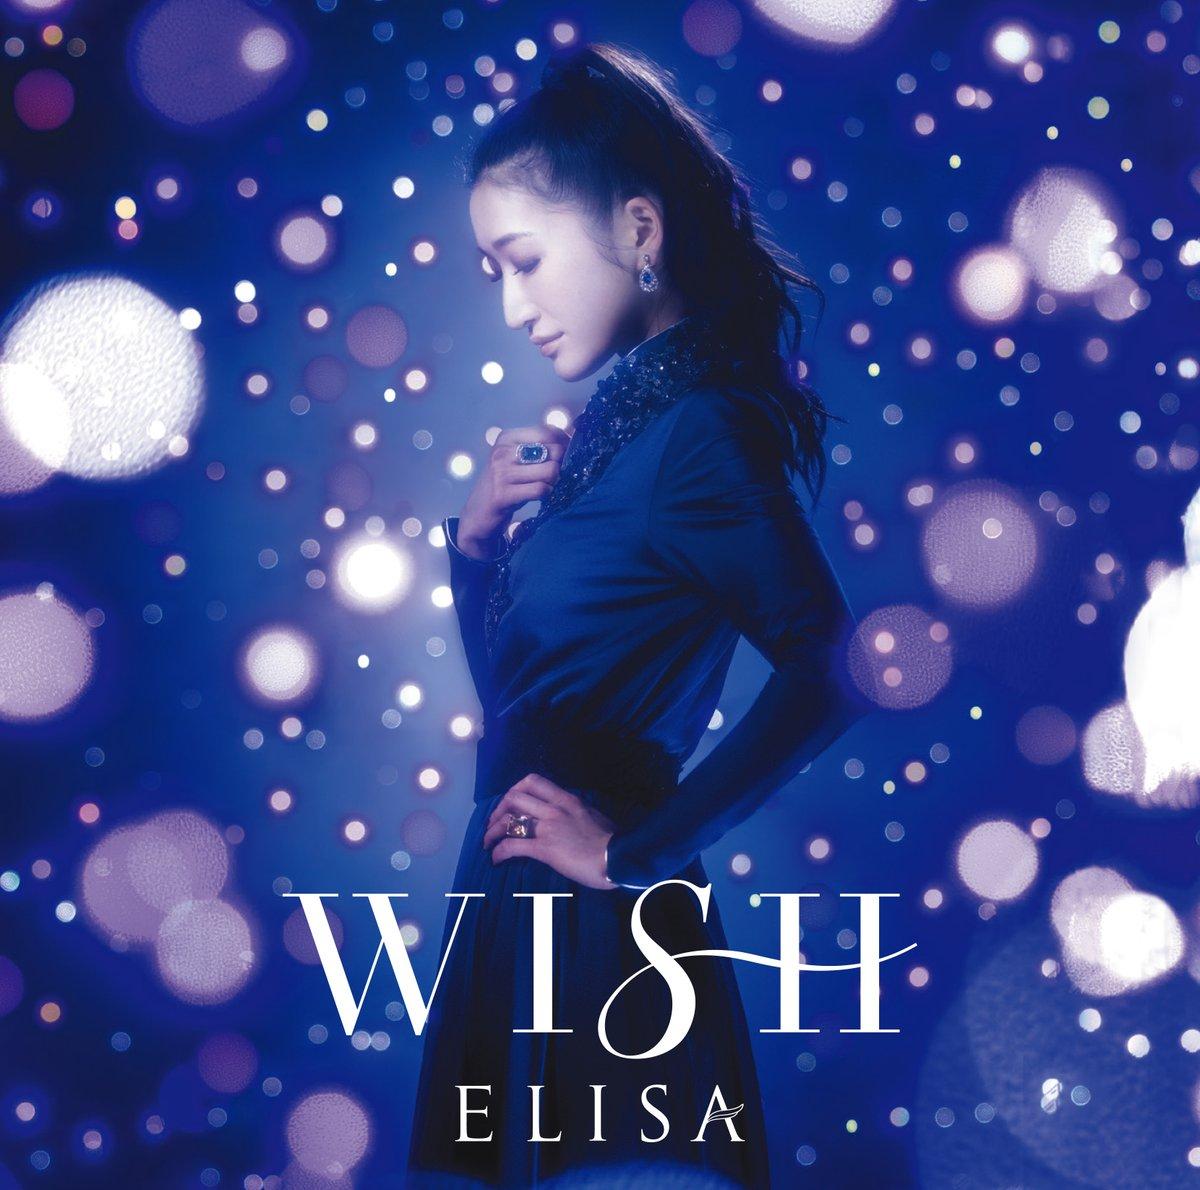 20180624.1628.02 ELISA - Wish cover 2.jpg